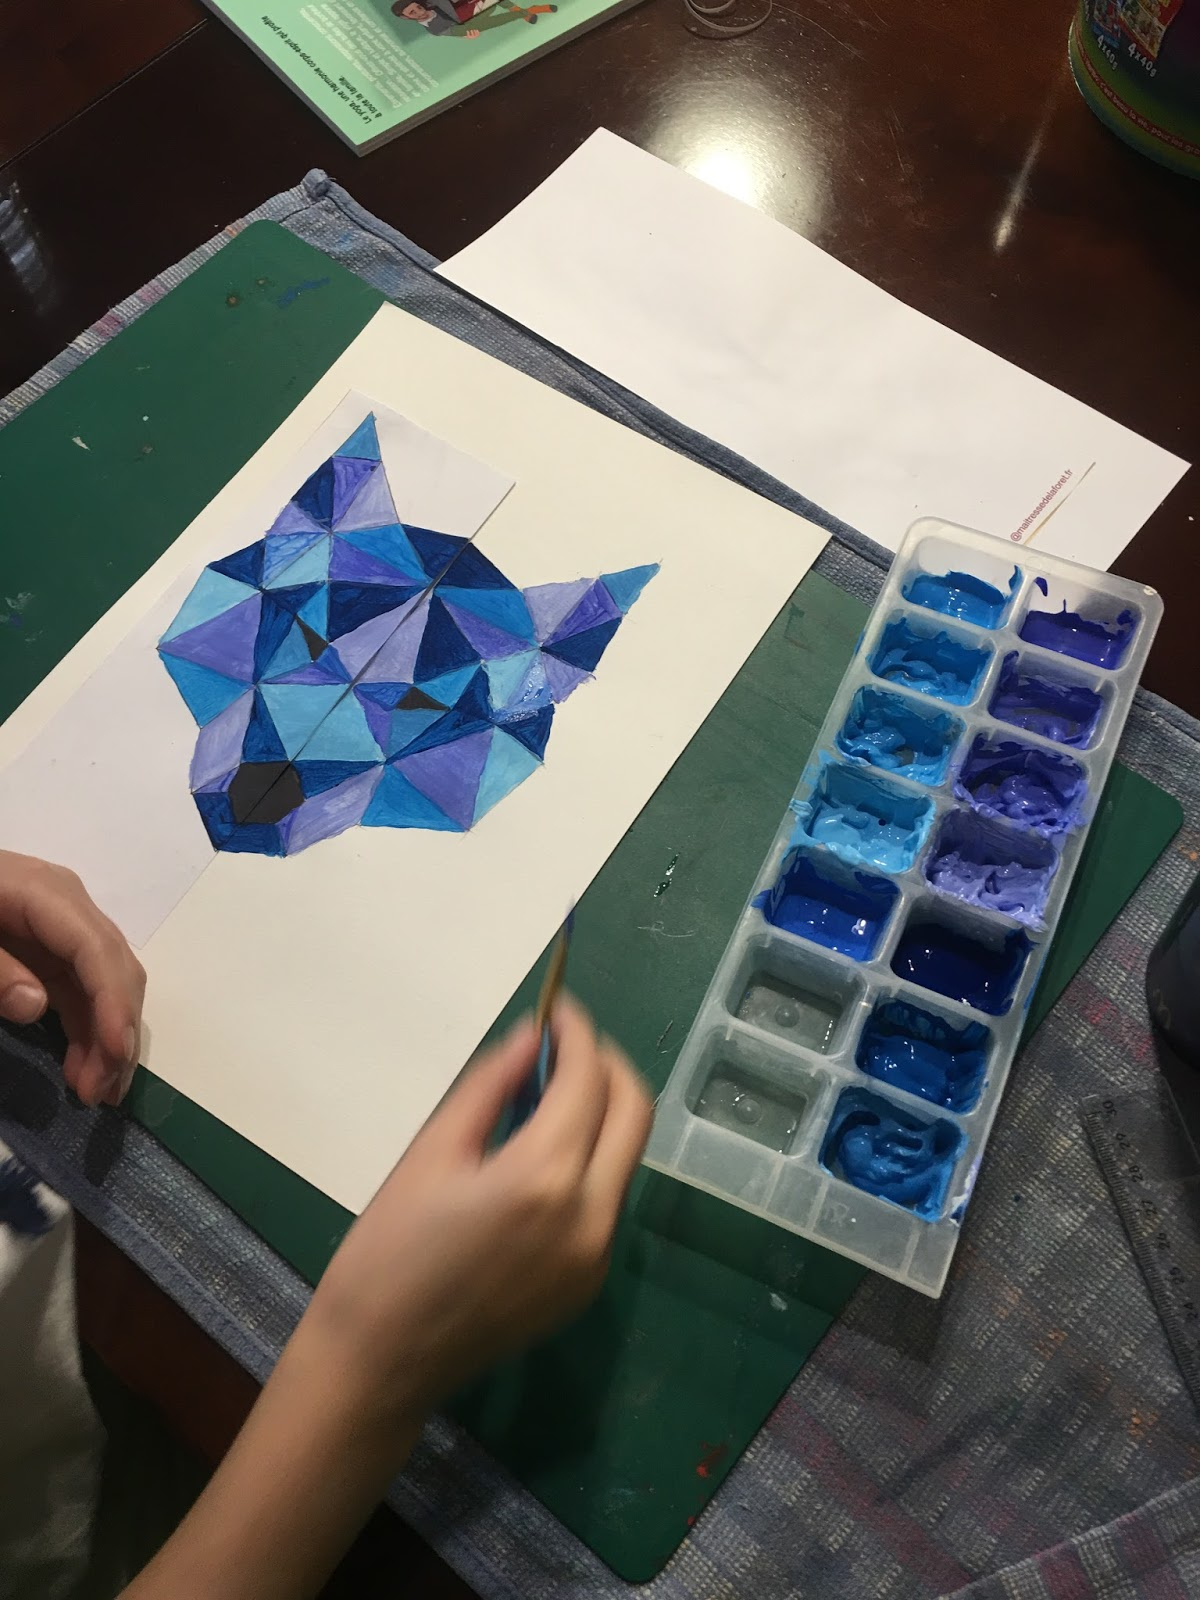 Instruction En Folie: Arts Visuels : Loup Et Symétrie. destiné Arts Visuels Symétrie